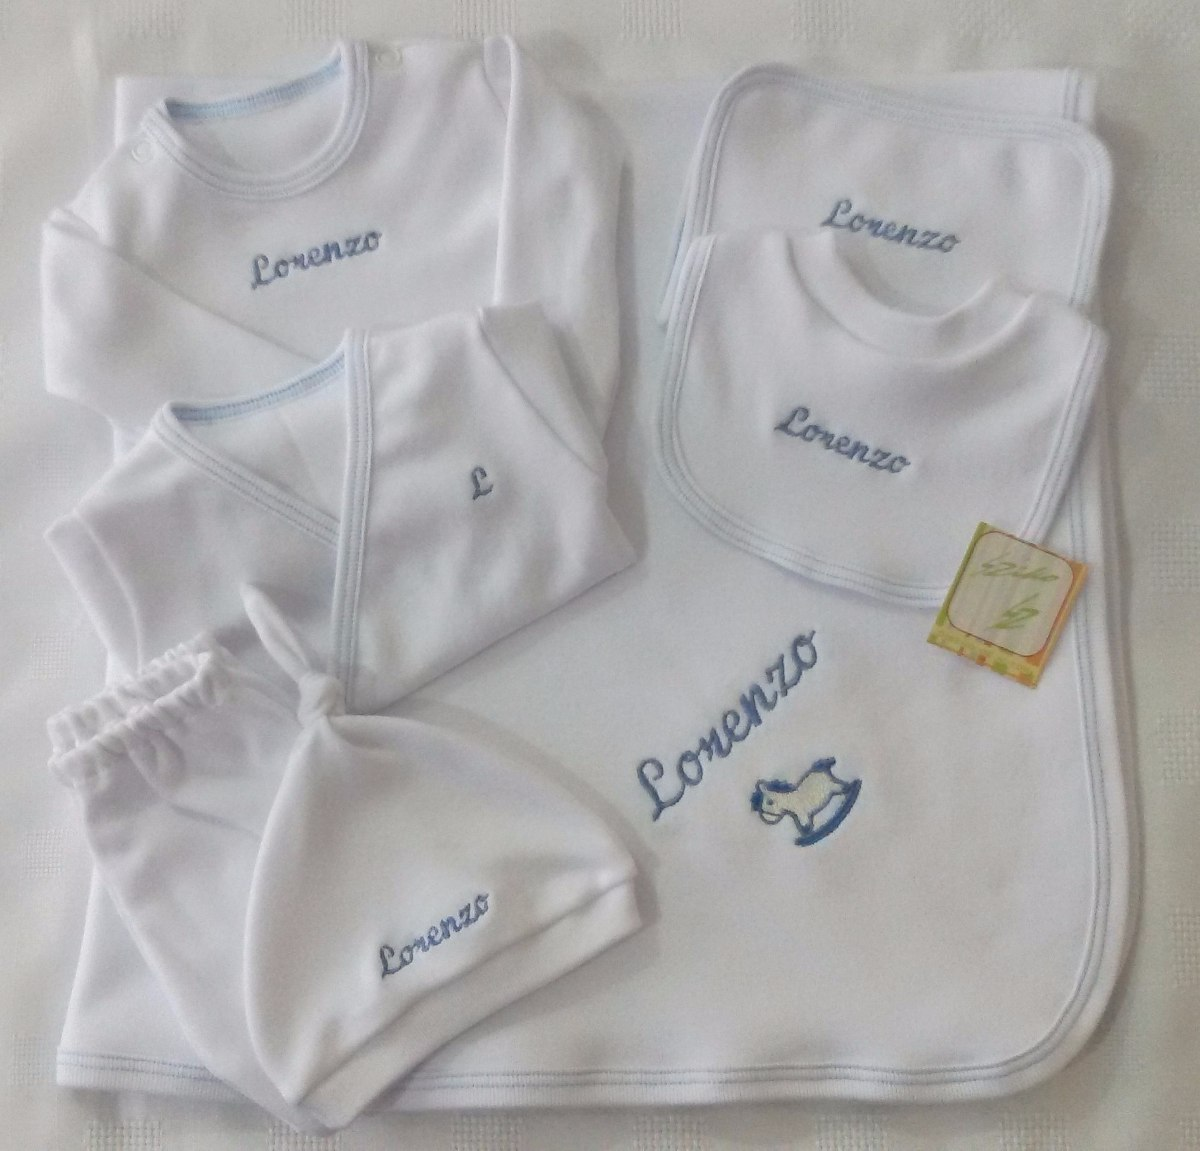 74211c75d ajuar 7 piezas personalizado regalo de nacimiento babyshower. Cargando zoom.